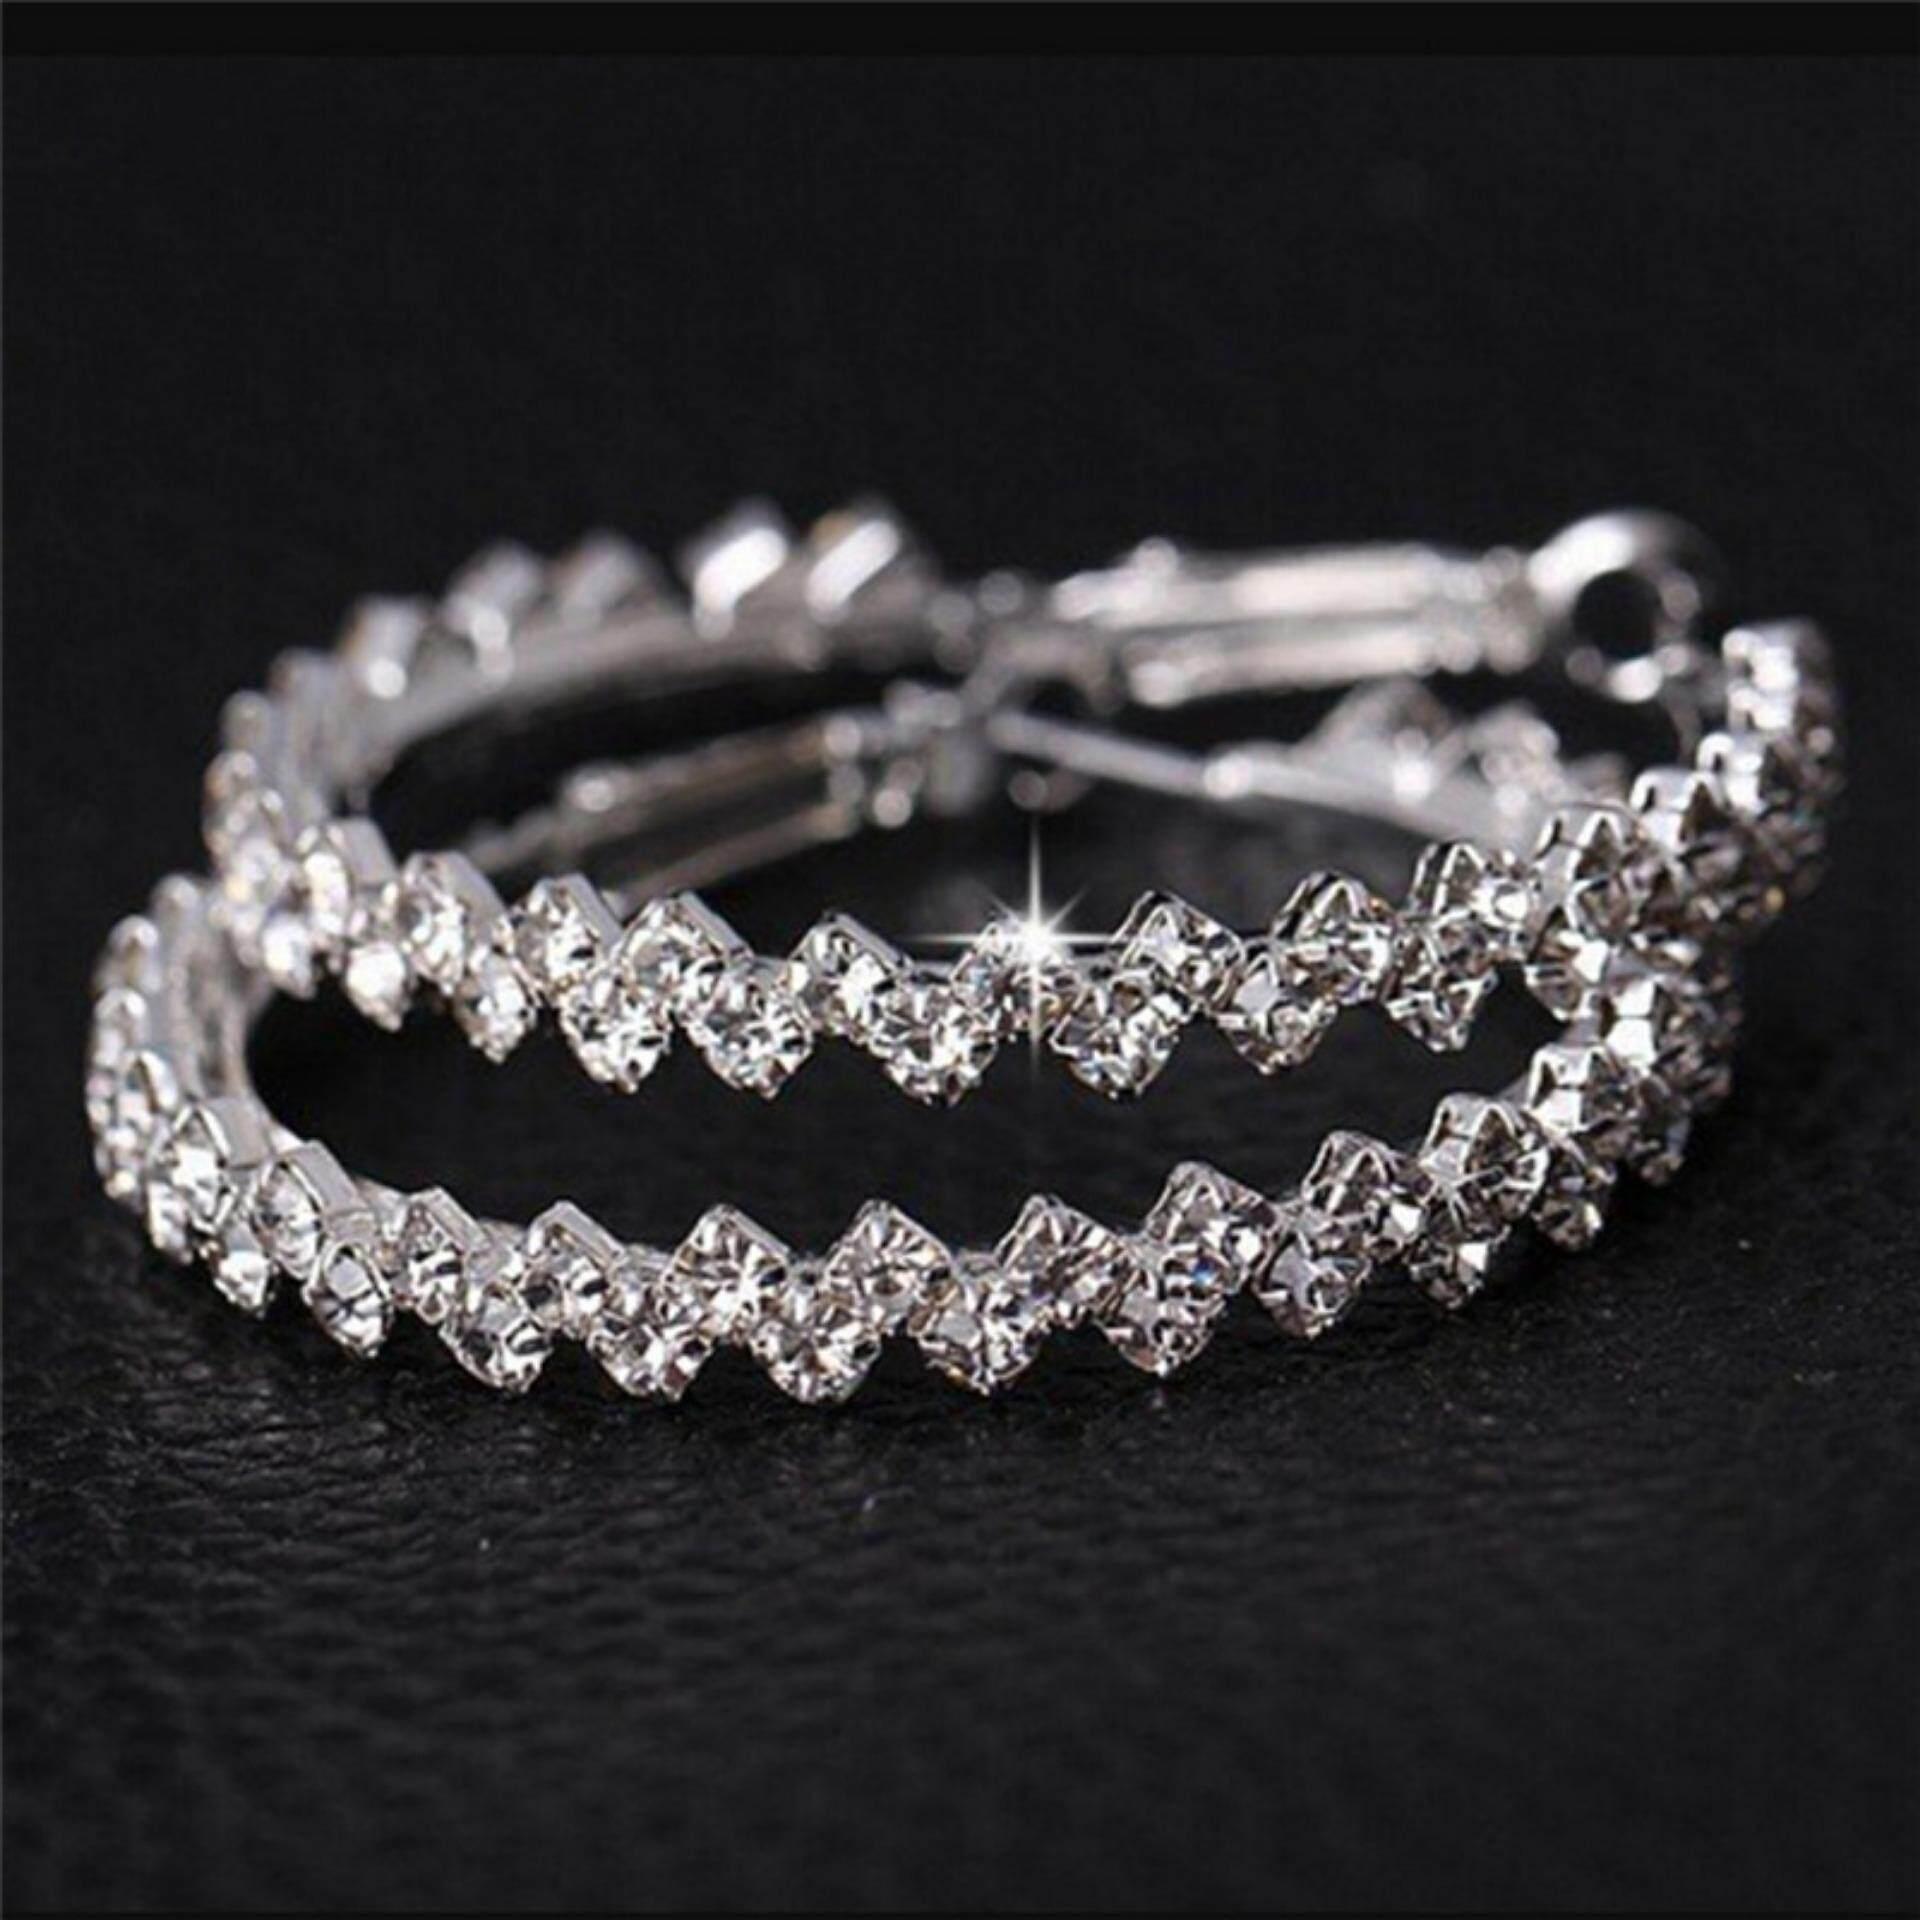 ... Kristal Anting Hoop Geometris Bulat Besar Paku Permata Buatan Anting-Anting Perhiasan Wanita - 4